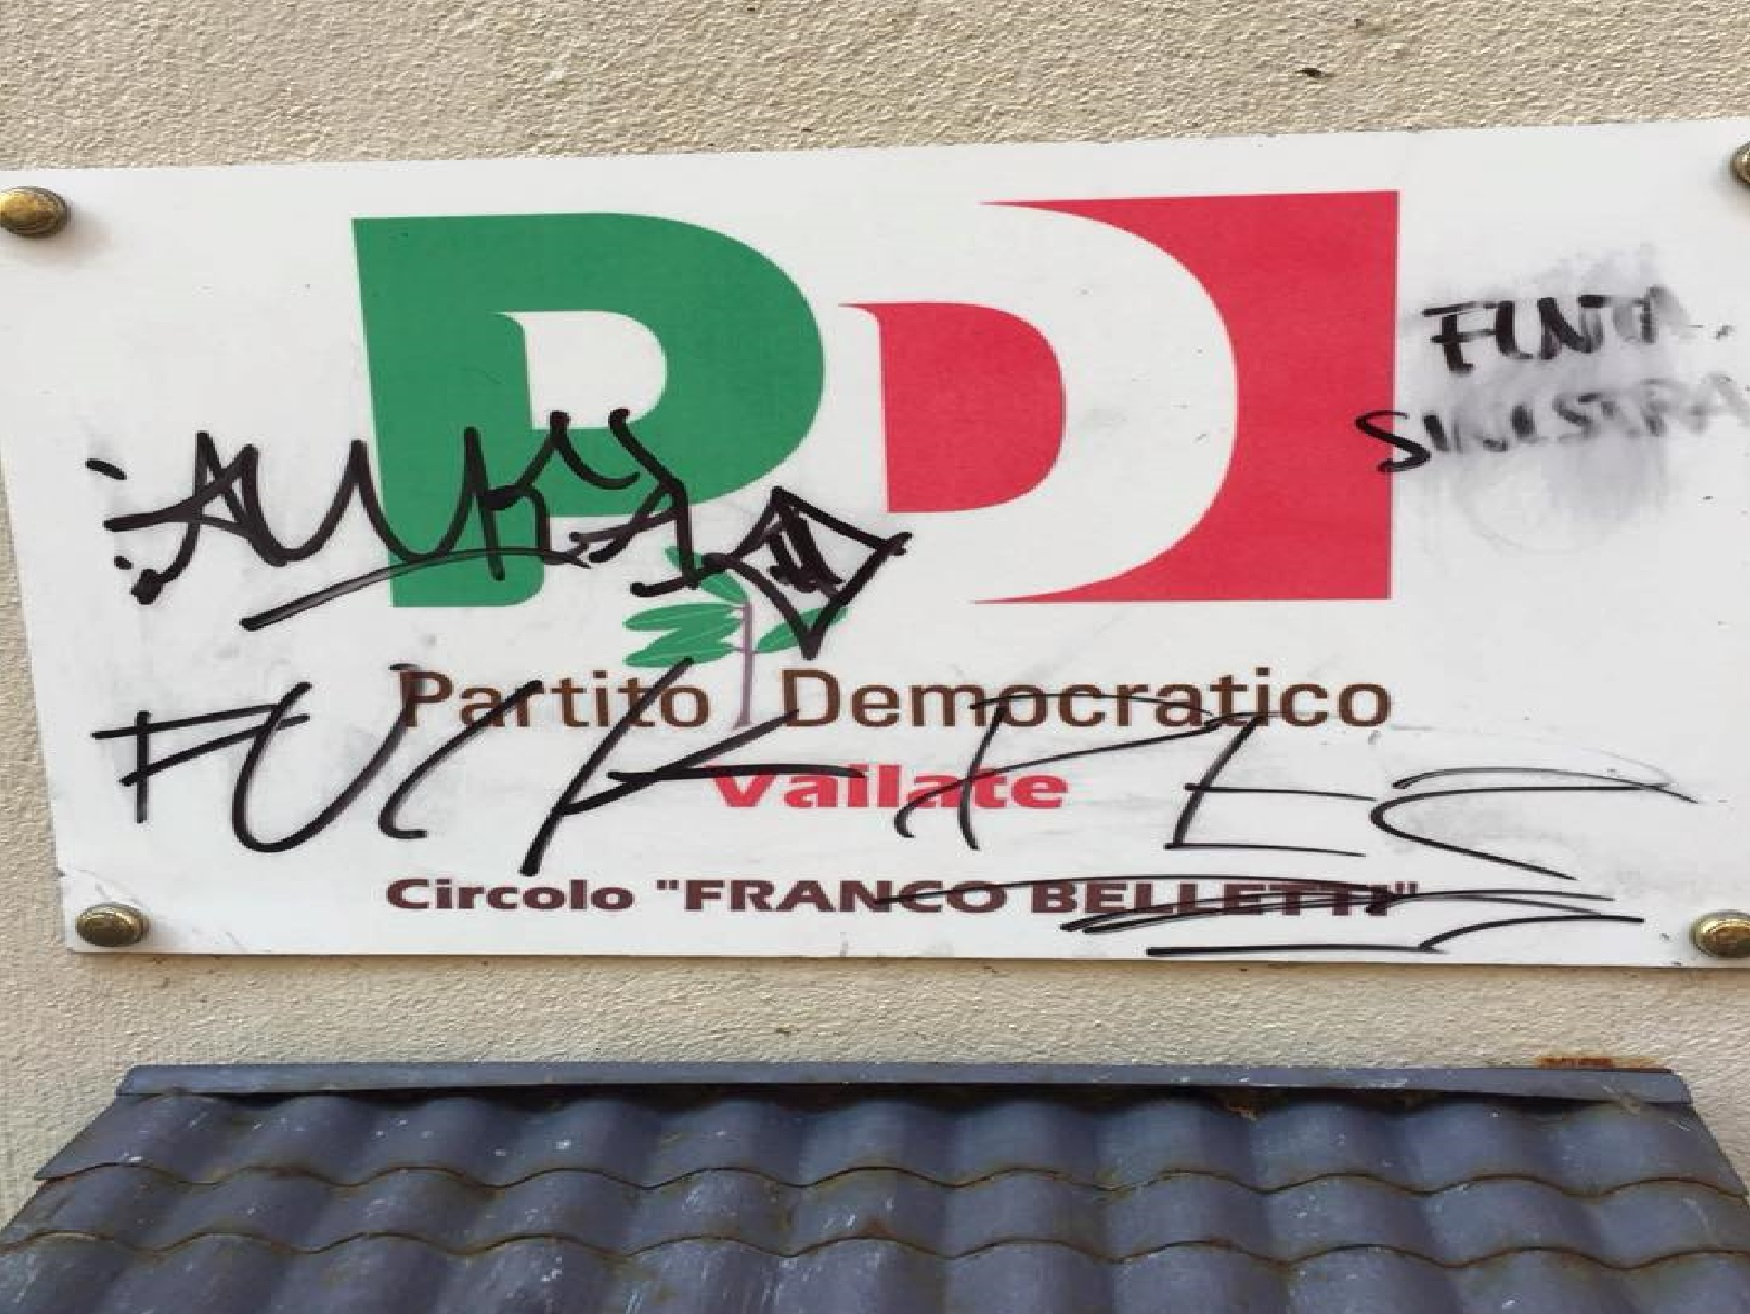 Imbrattata la sede del PD a Vailate - Giornale di Treviglio - Giornale di Treviglio